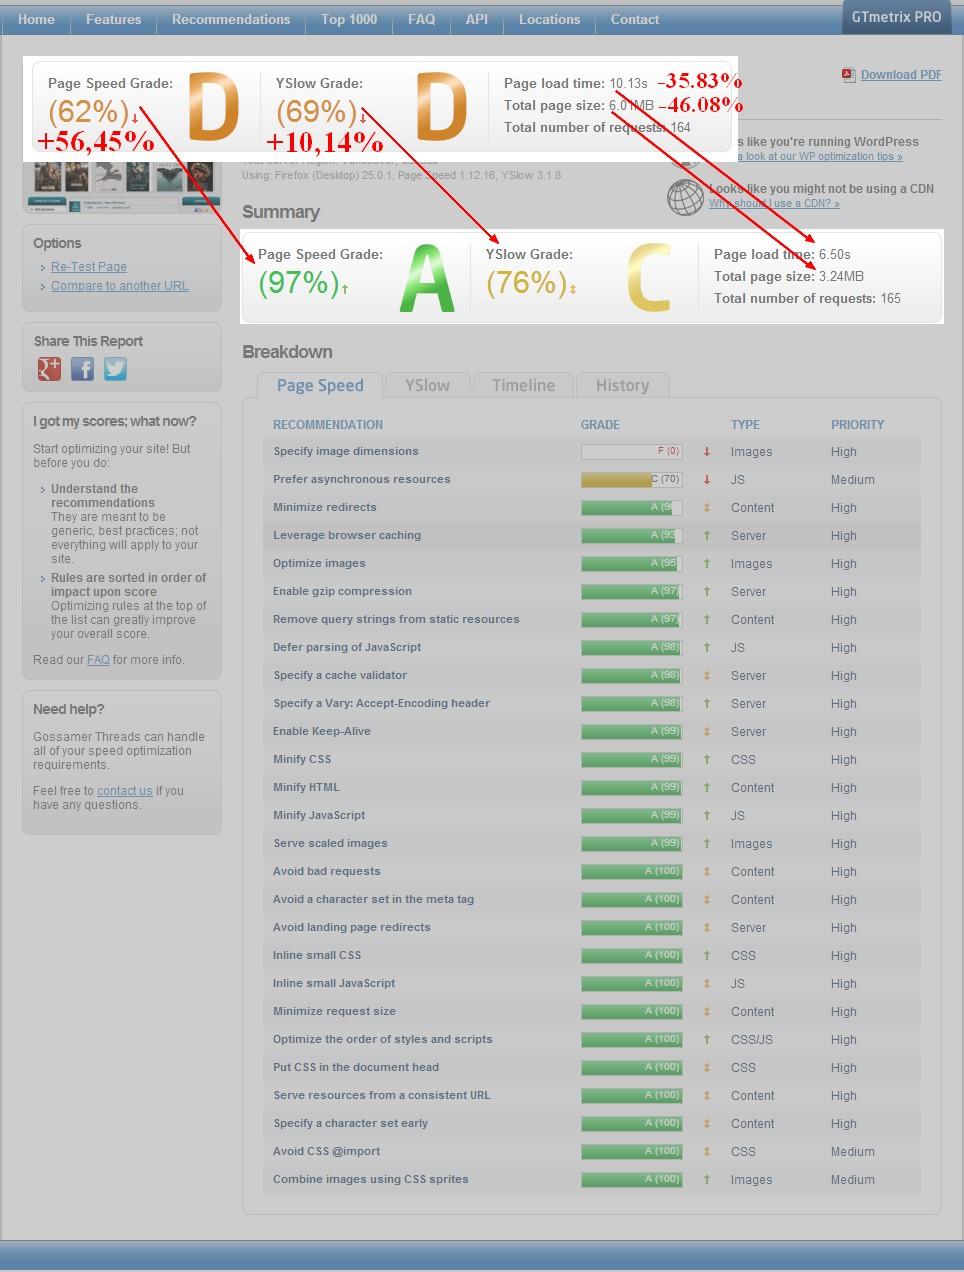 Техническая оптимизация сайтов Wordpress (прогресс 56%)